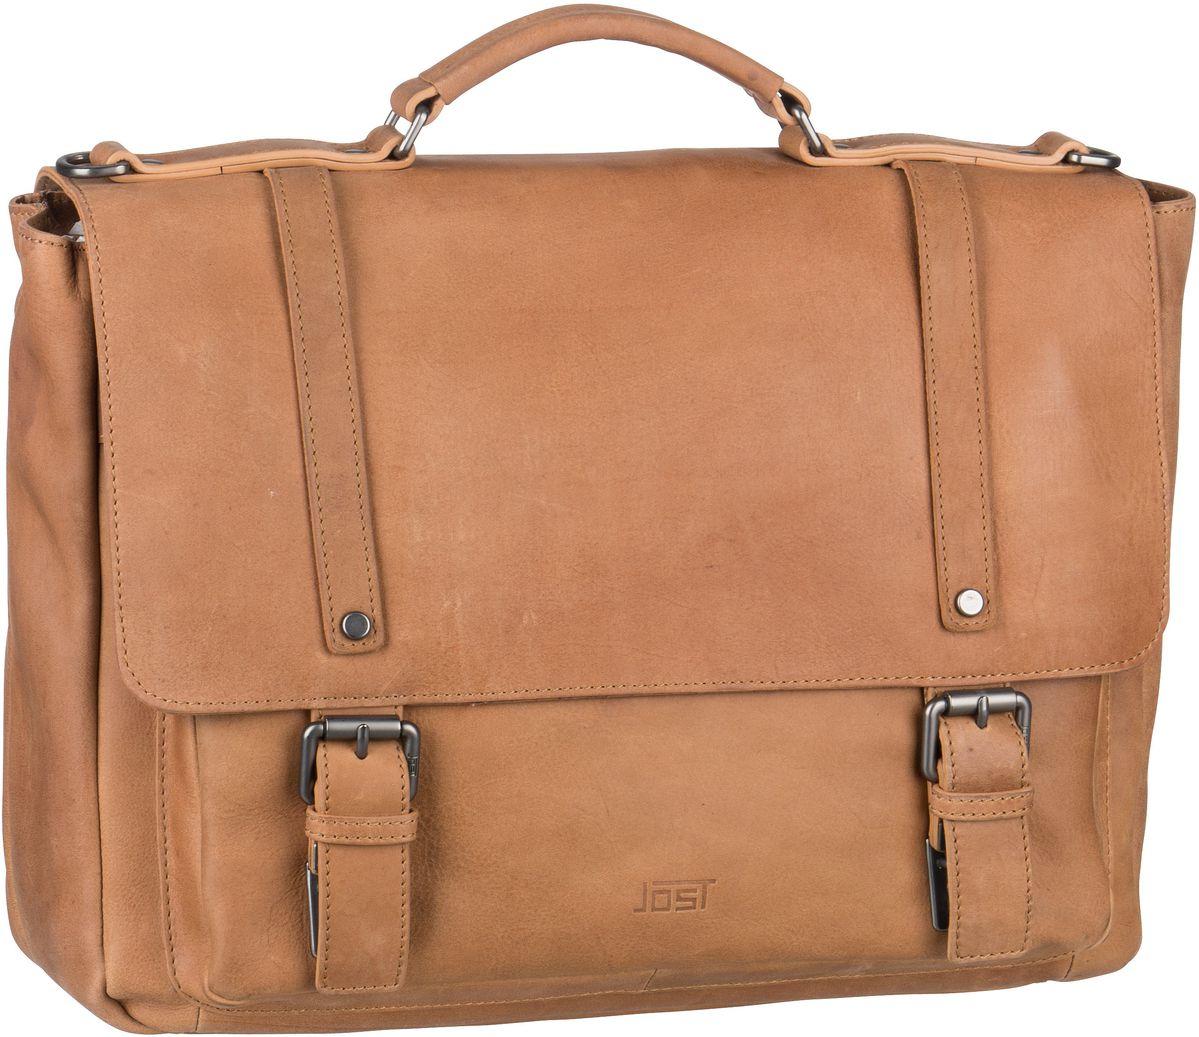 Jost Notebooktasche / Tablet Salo 4653 Businesstasche Cognac